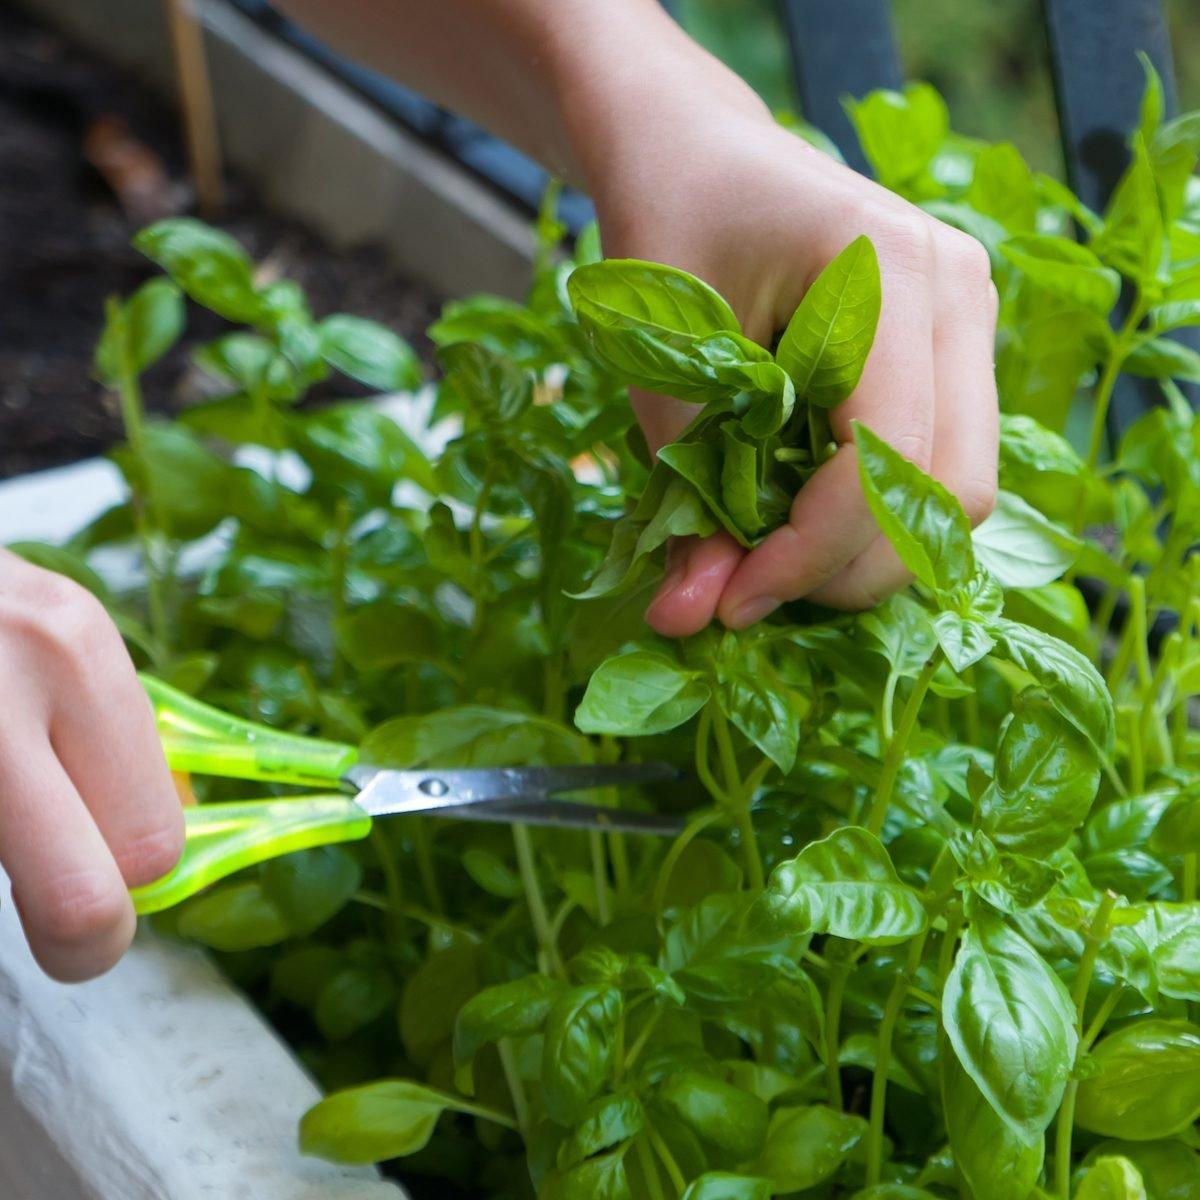 cutting basil plant